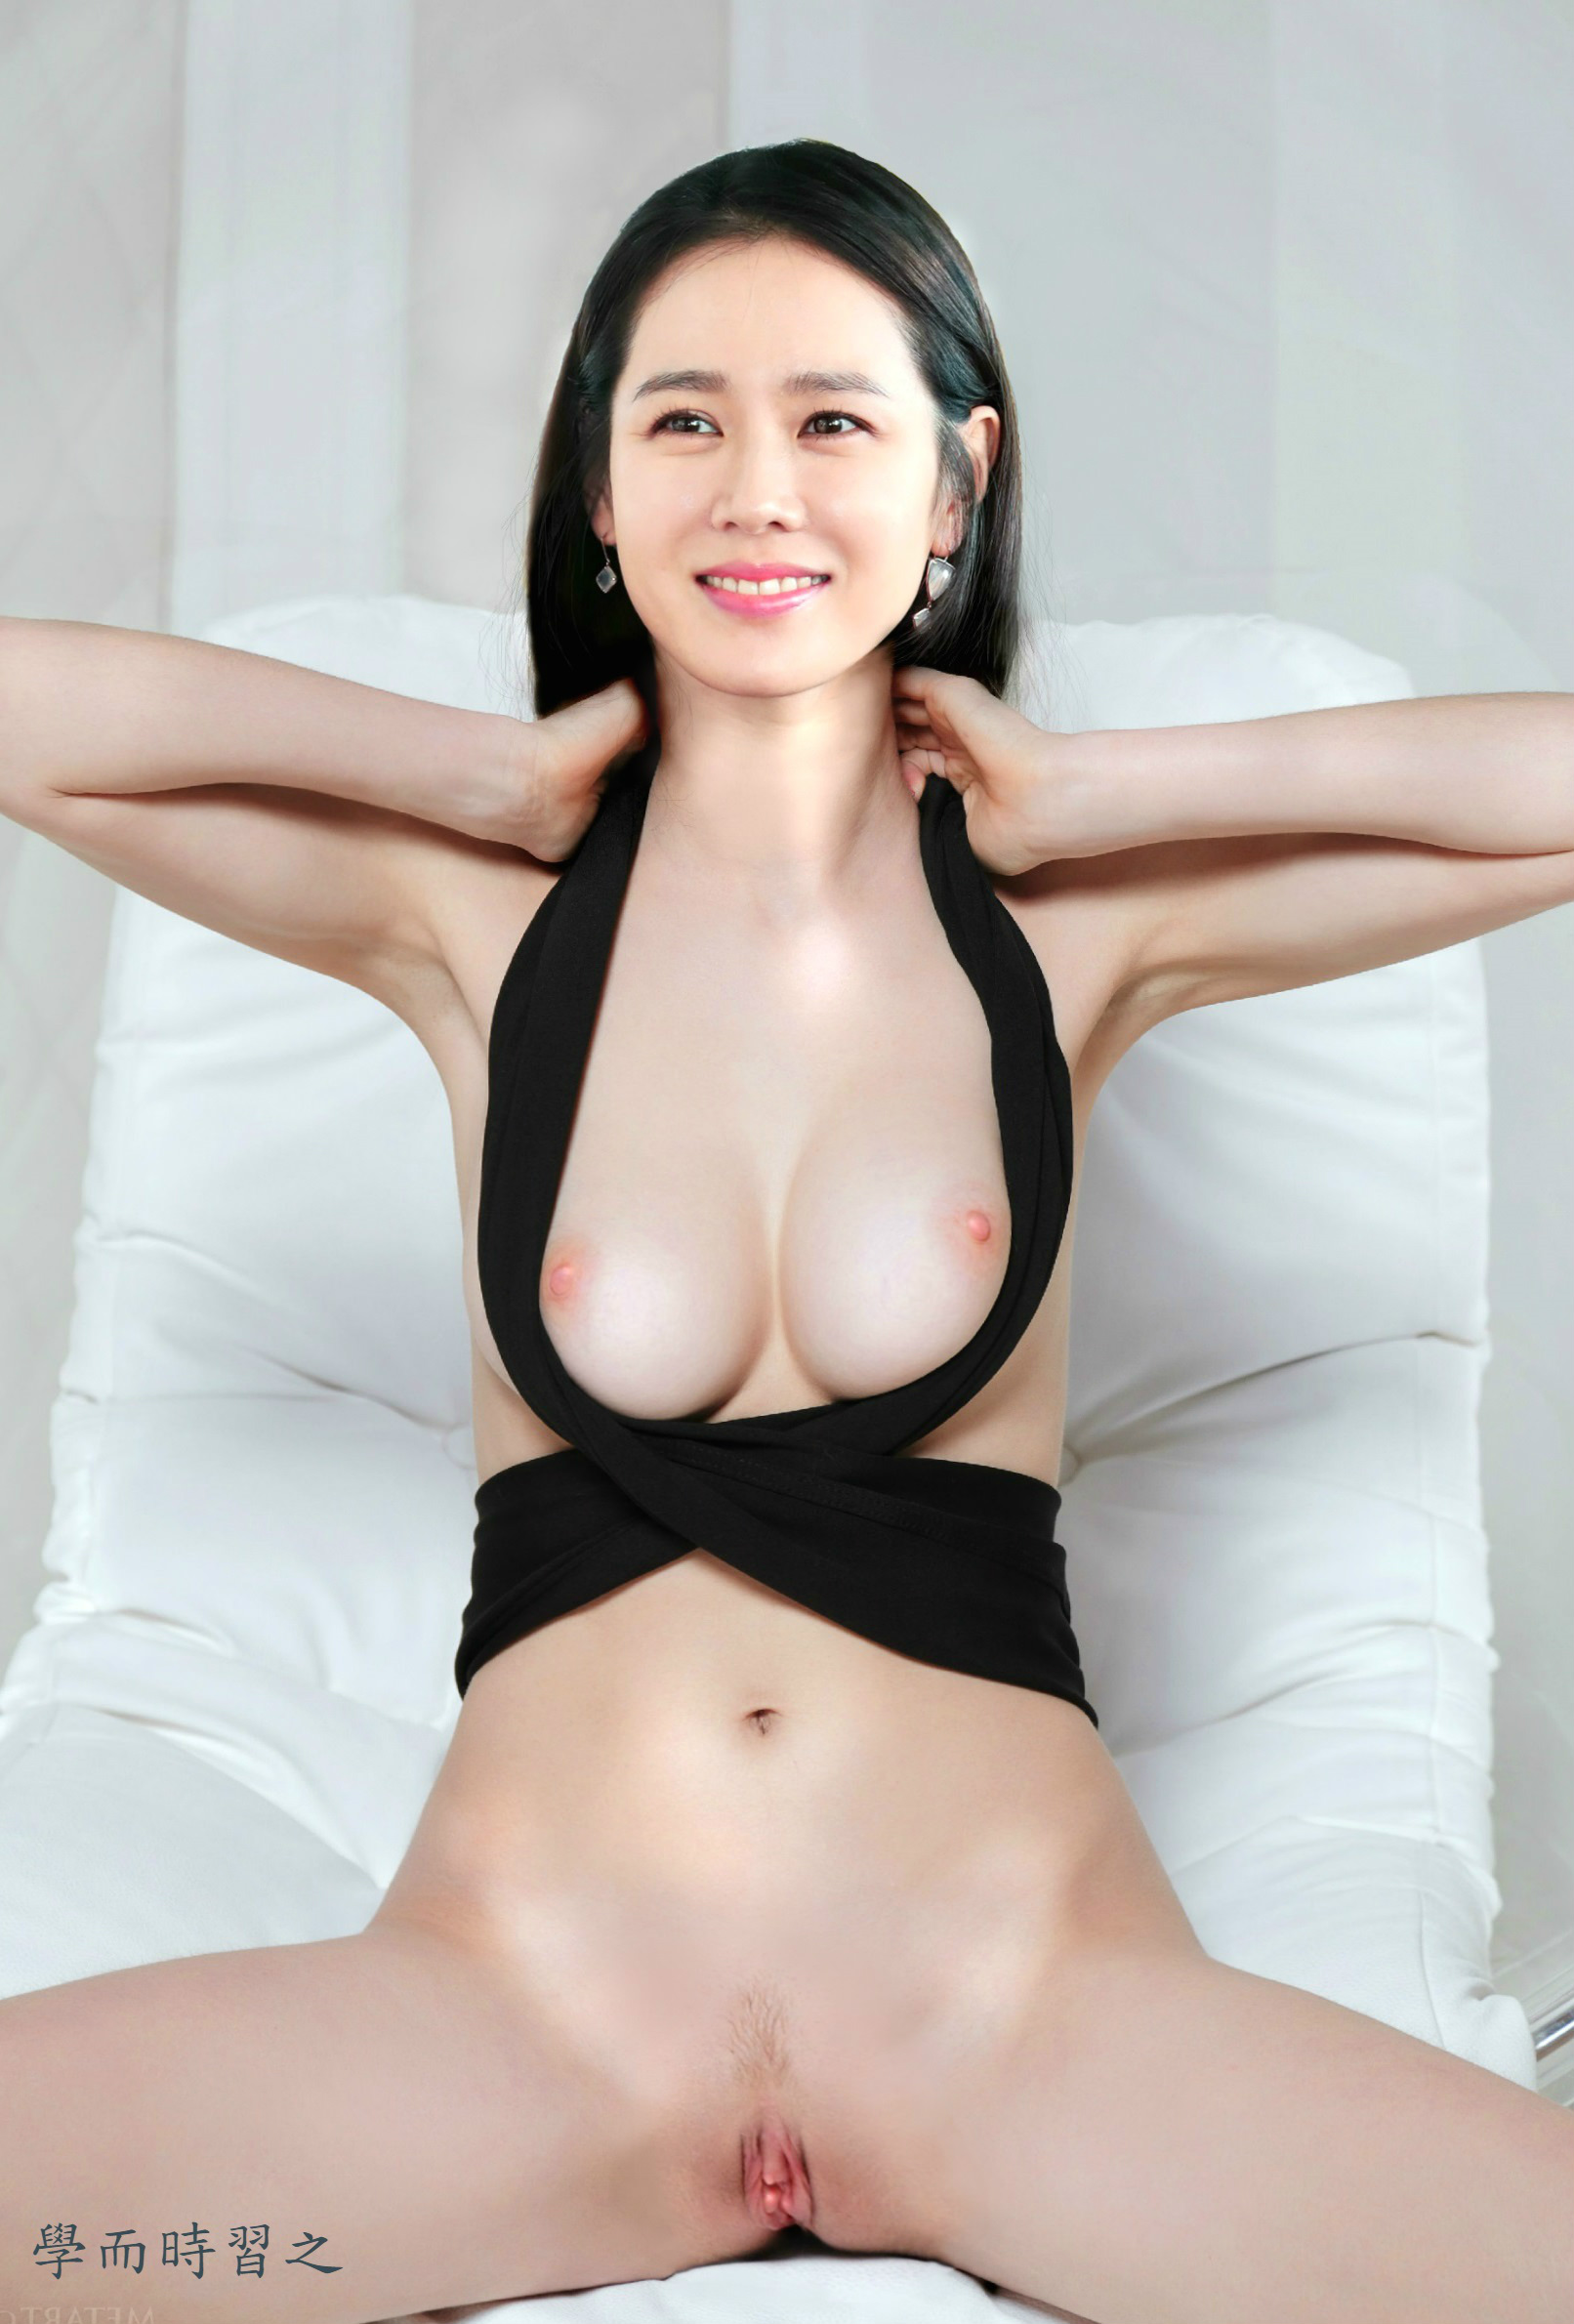 Amateur mature no bra big boobs